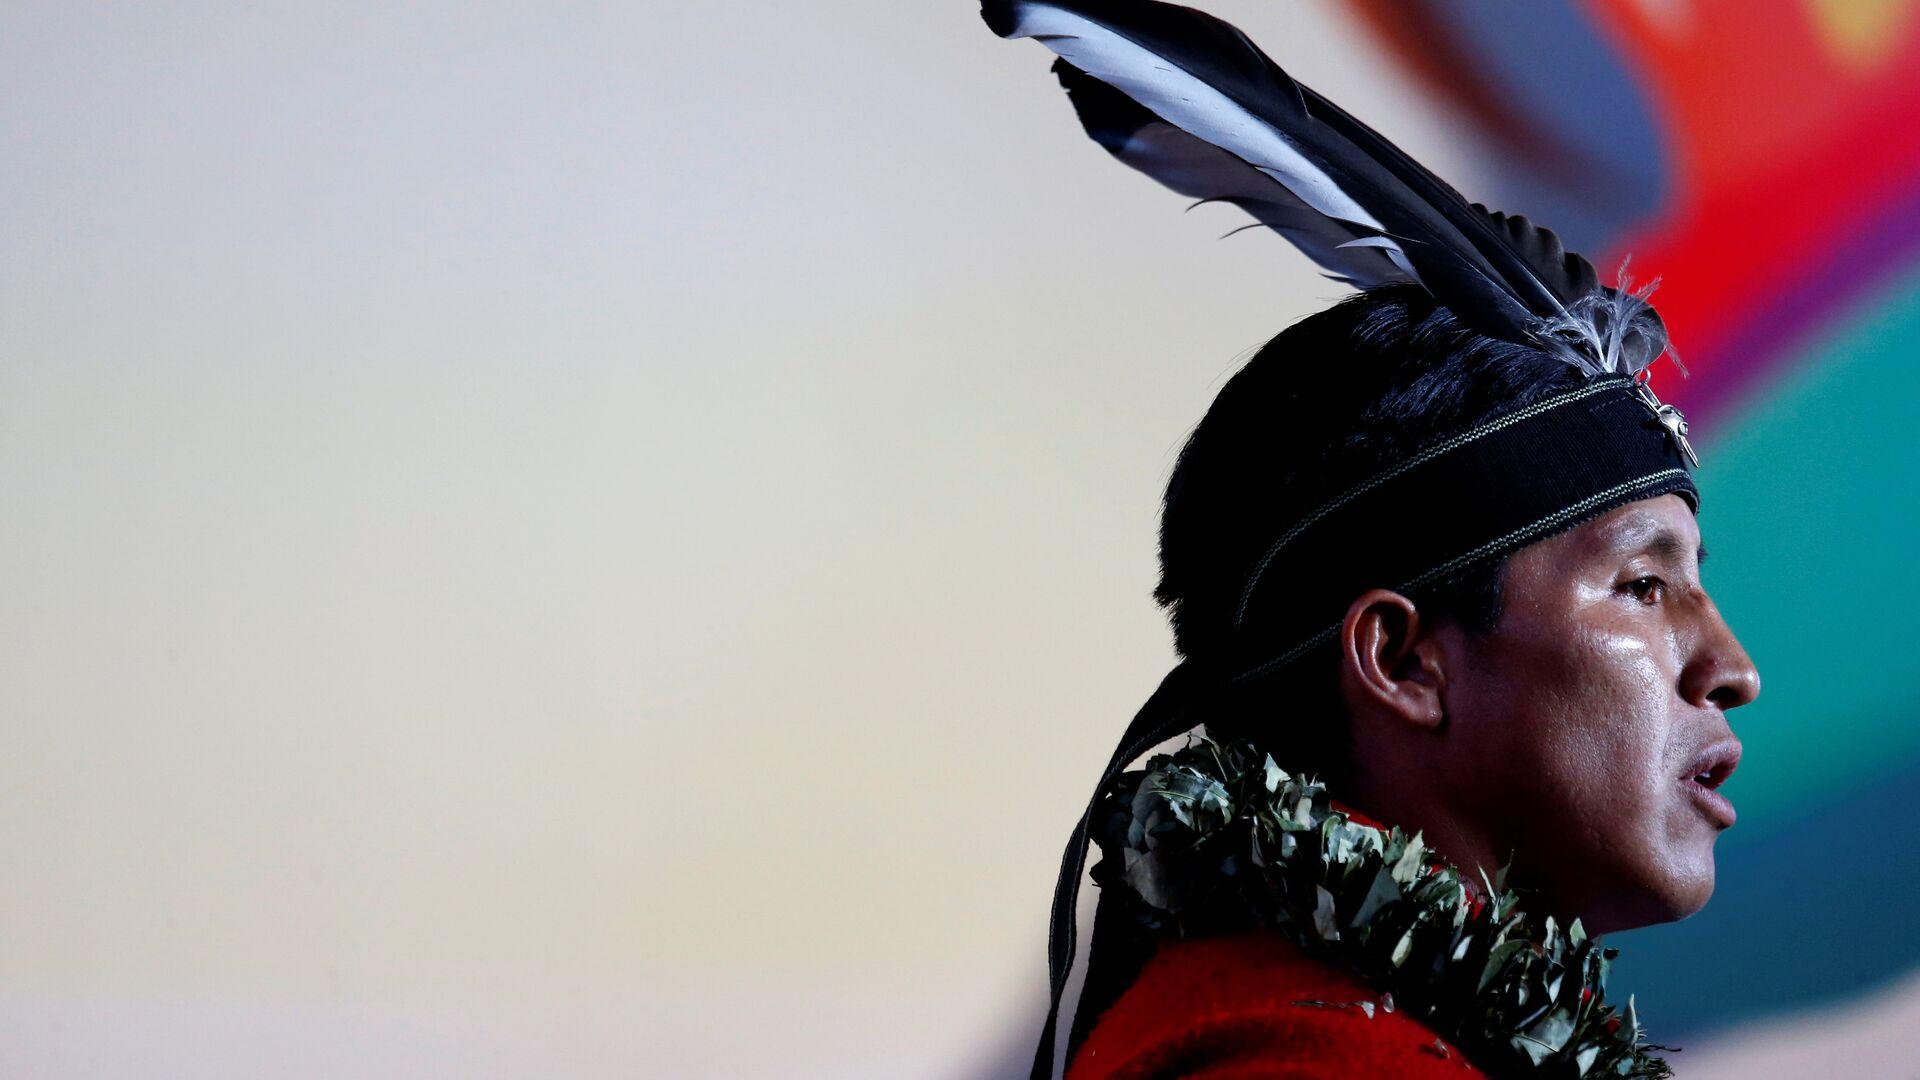 Un hombre indígena de Ecuador (imagen referencial) - Sputnik Mundo, 1920, 27.08.2021